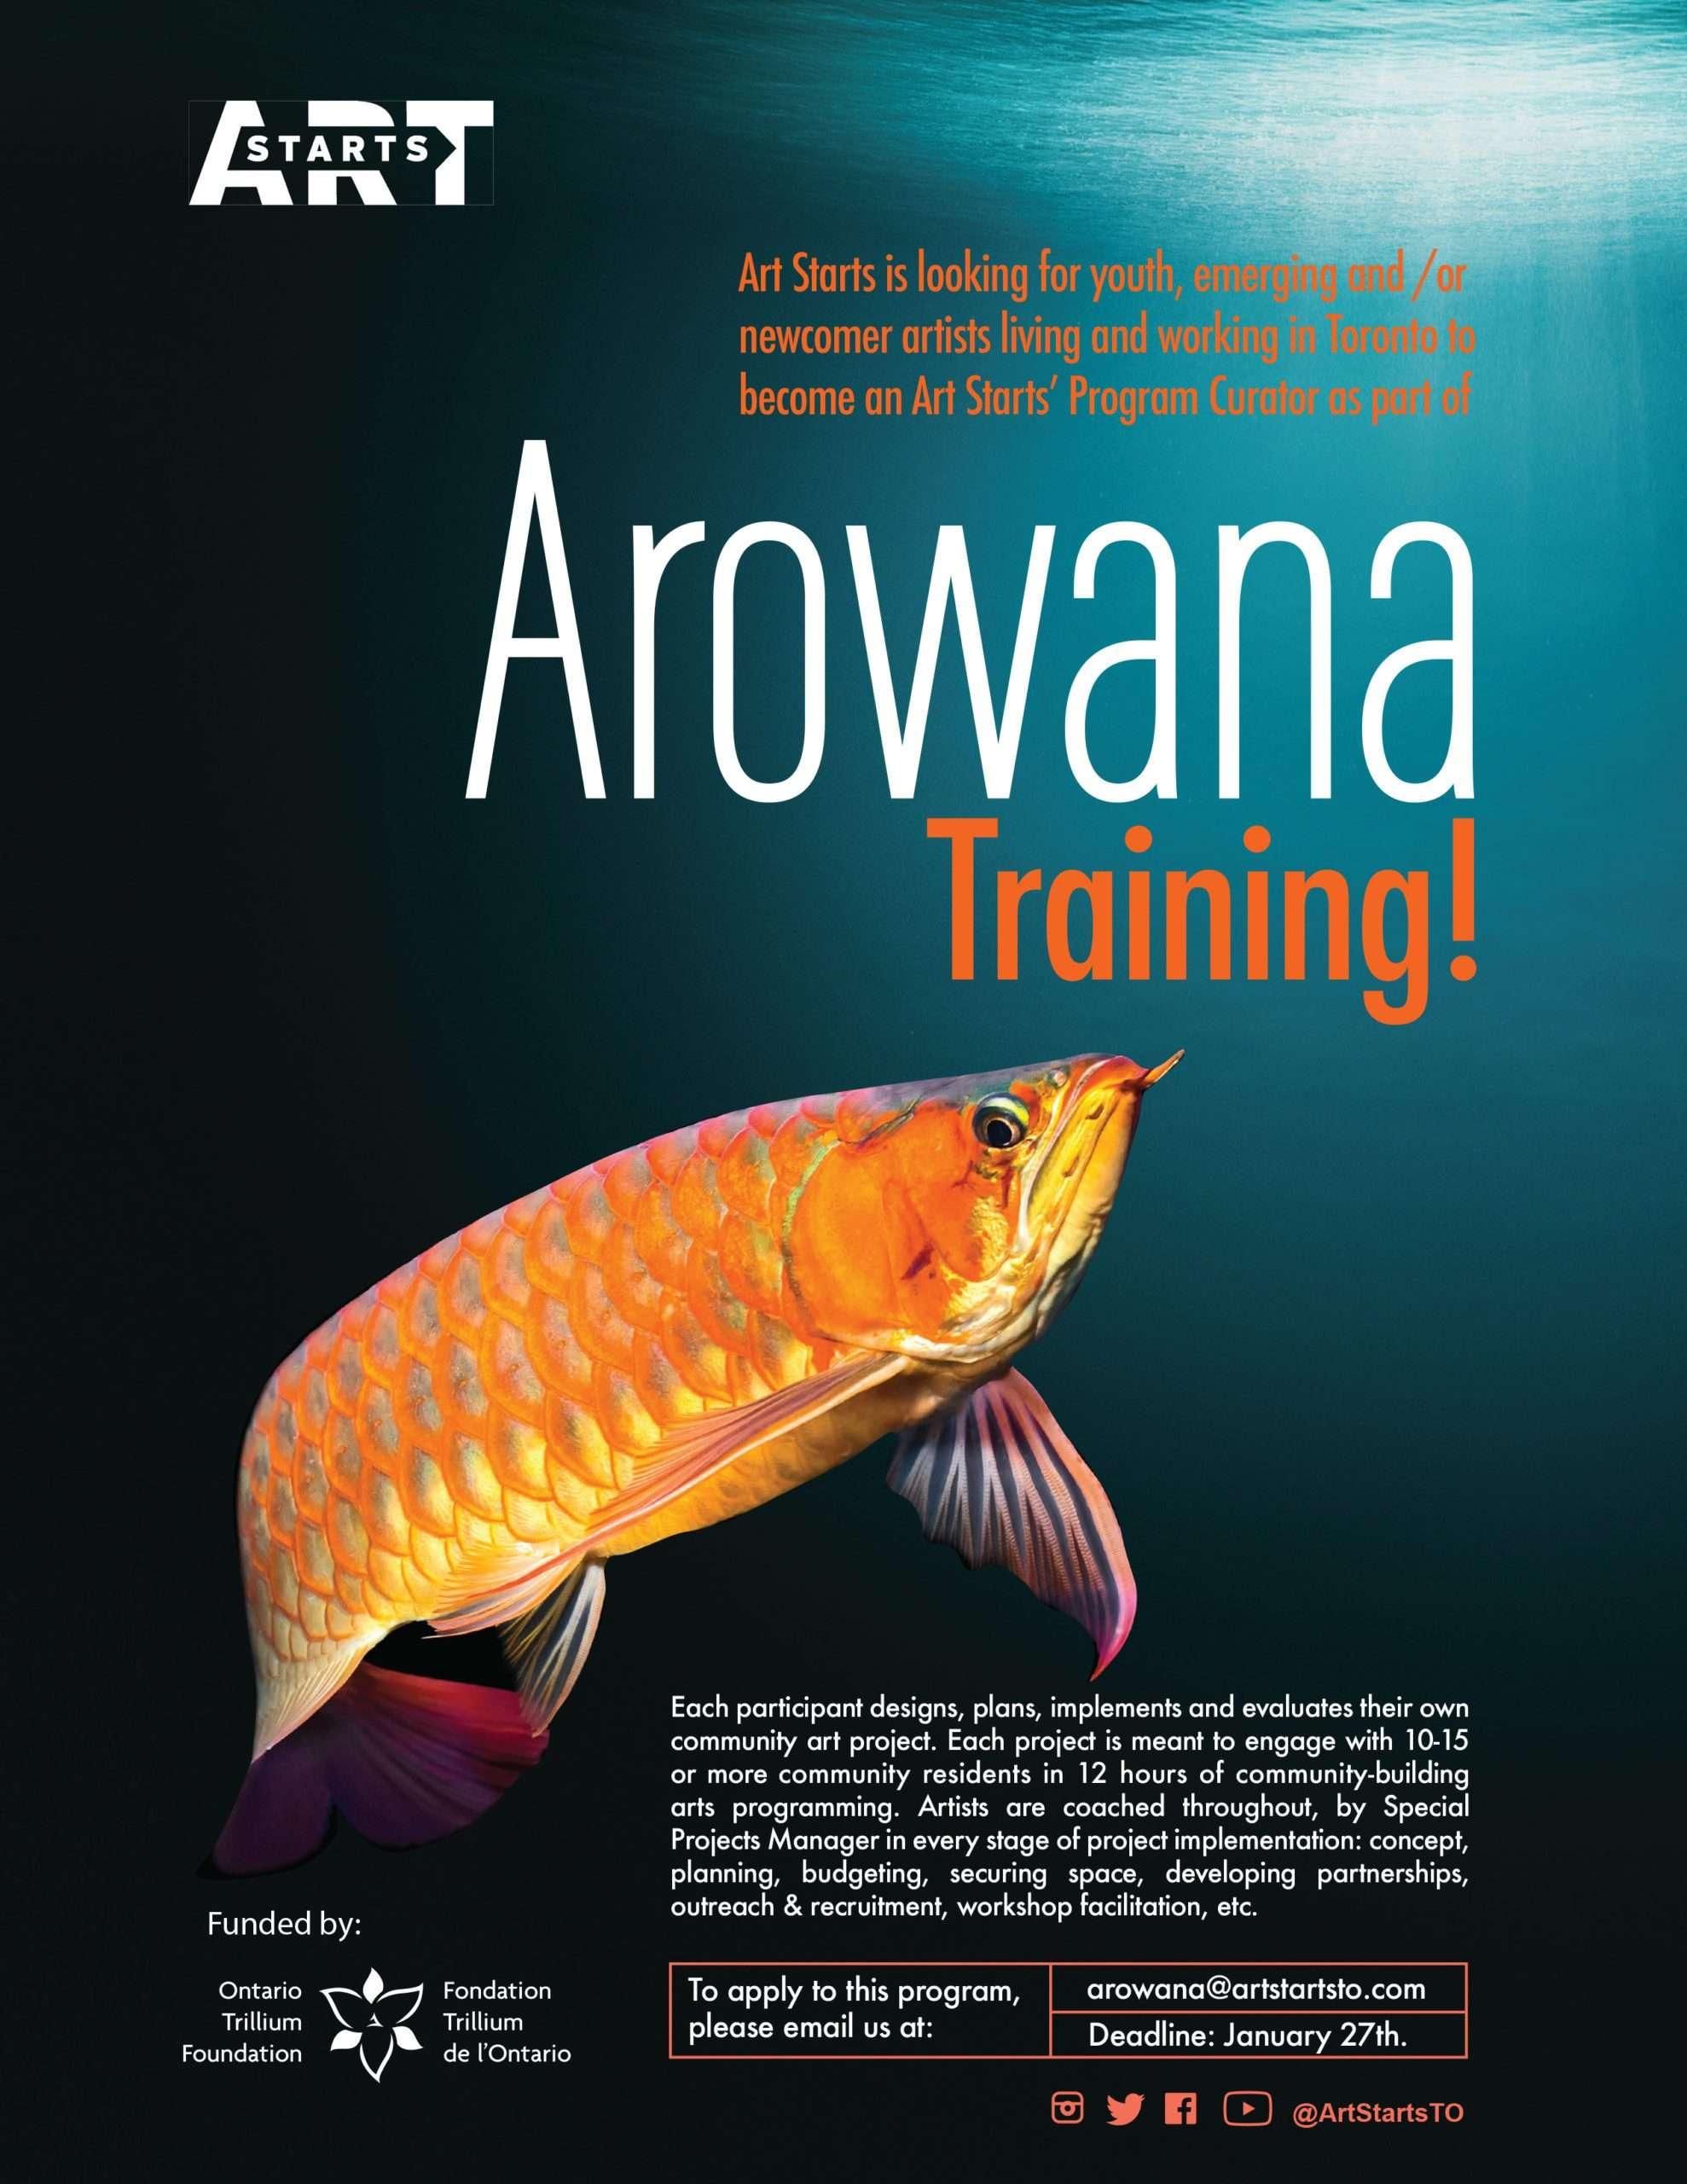 ART-AROWANA